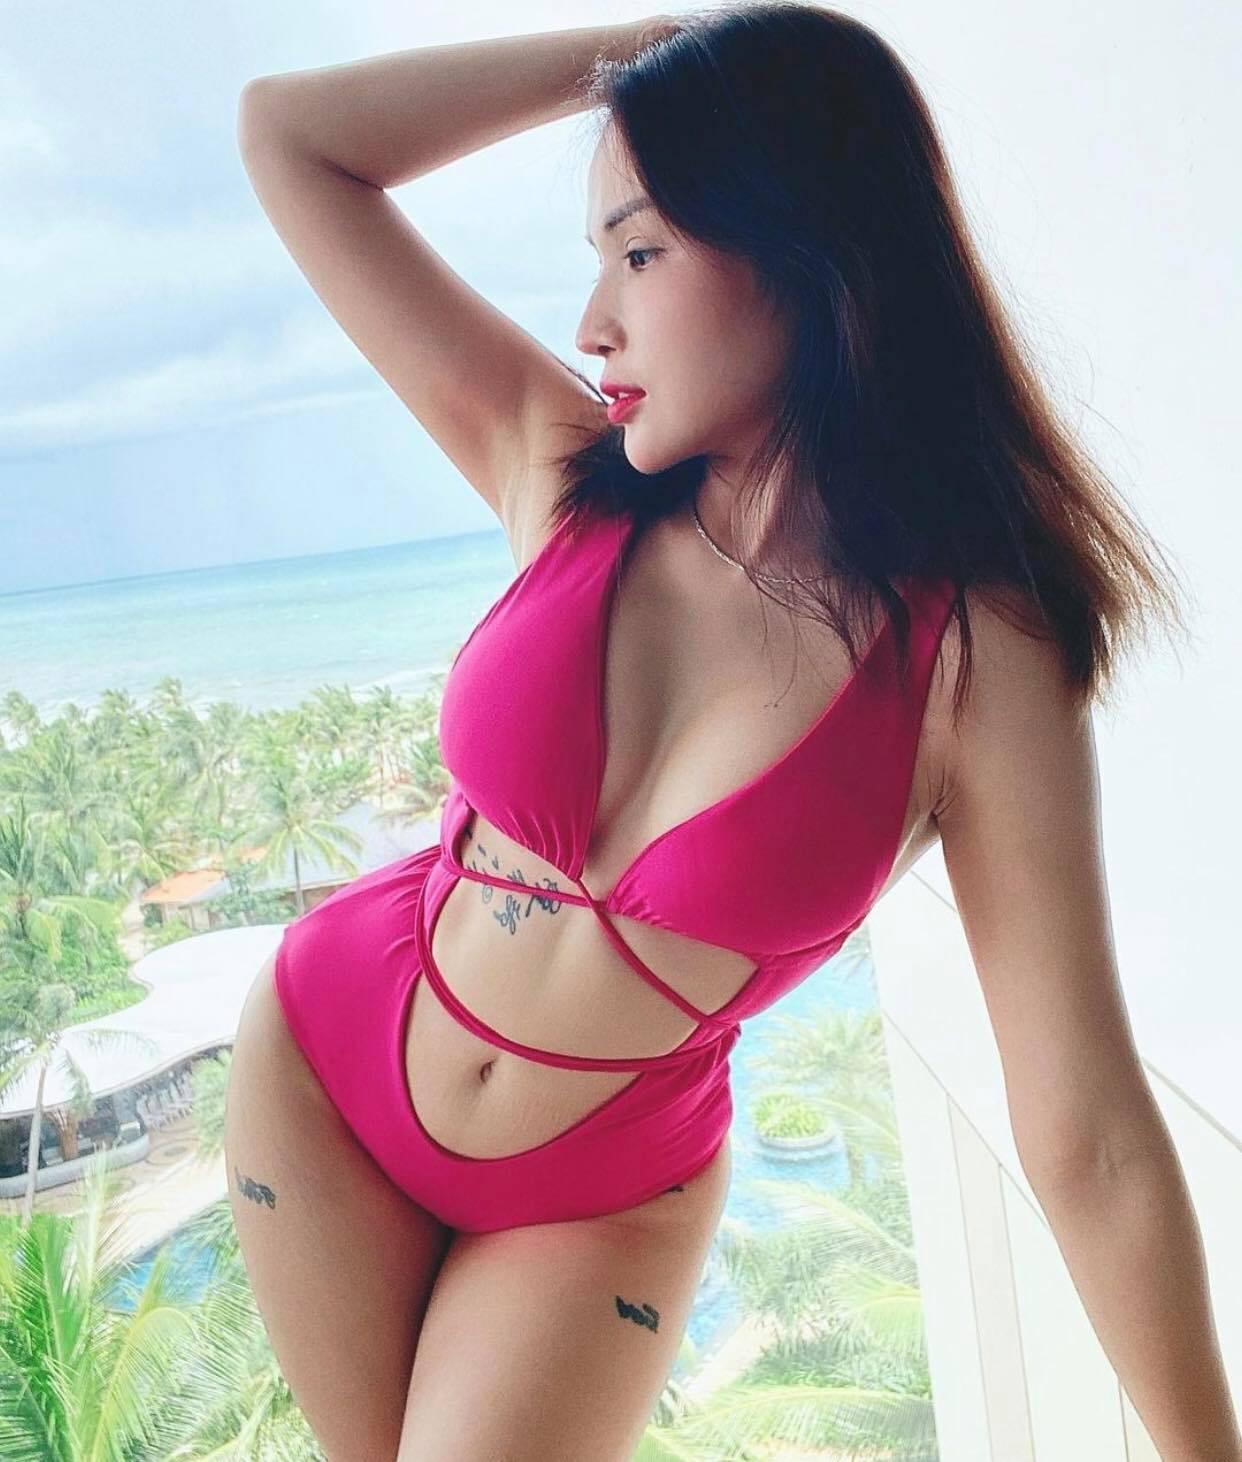 """Vì đâu người đẹp này xứng danh """"đệ nhất mỹ nữ vòng 1 đẹp làng hài Việt""""? - 1"""